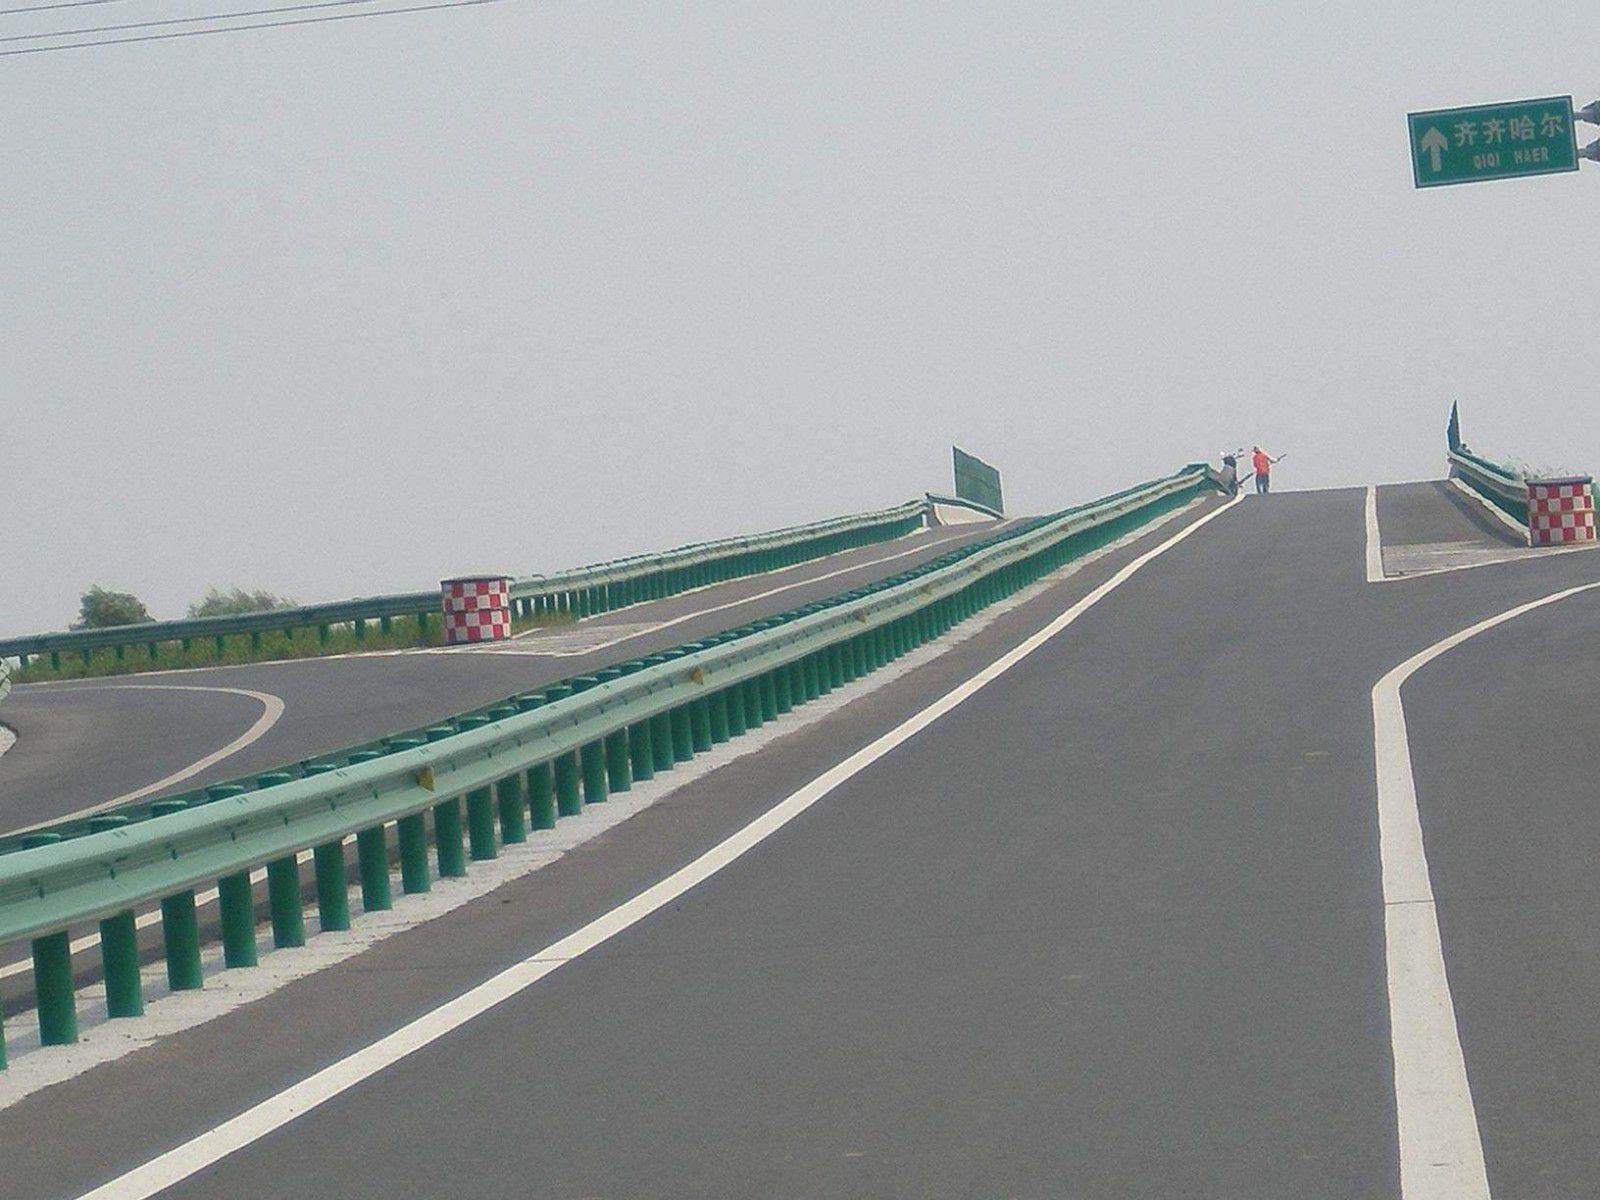 广东波形护栏的镀层厚度